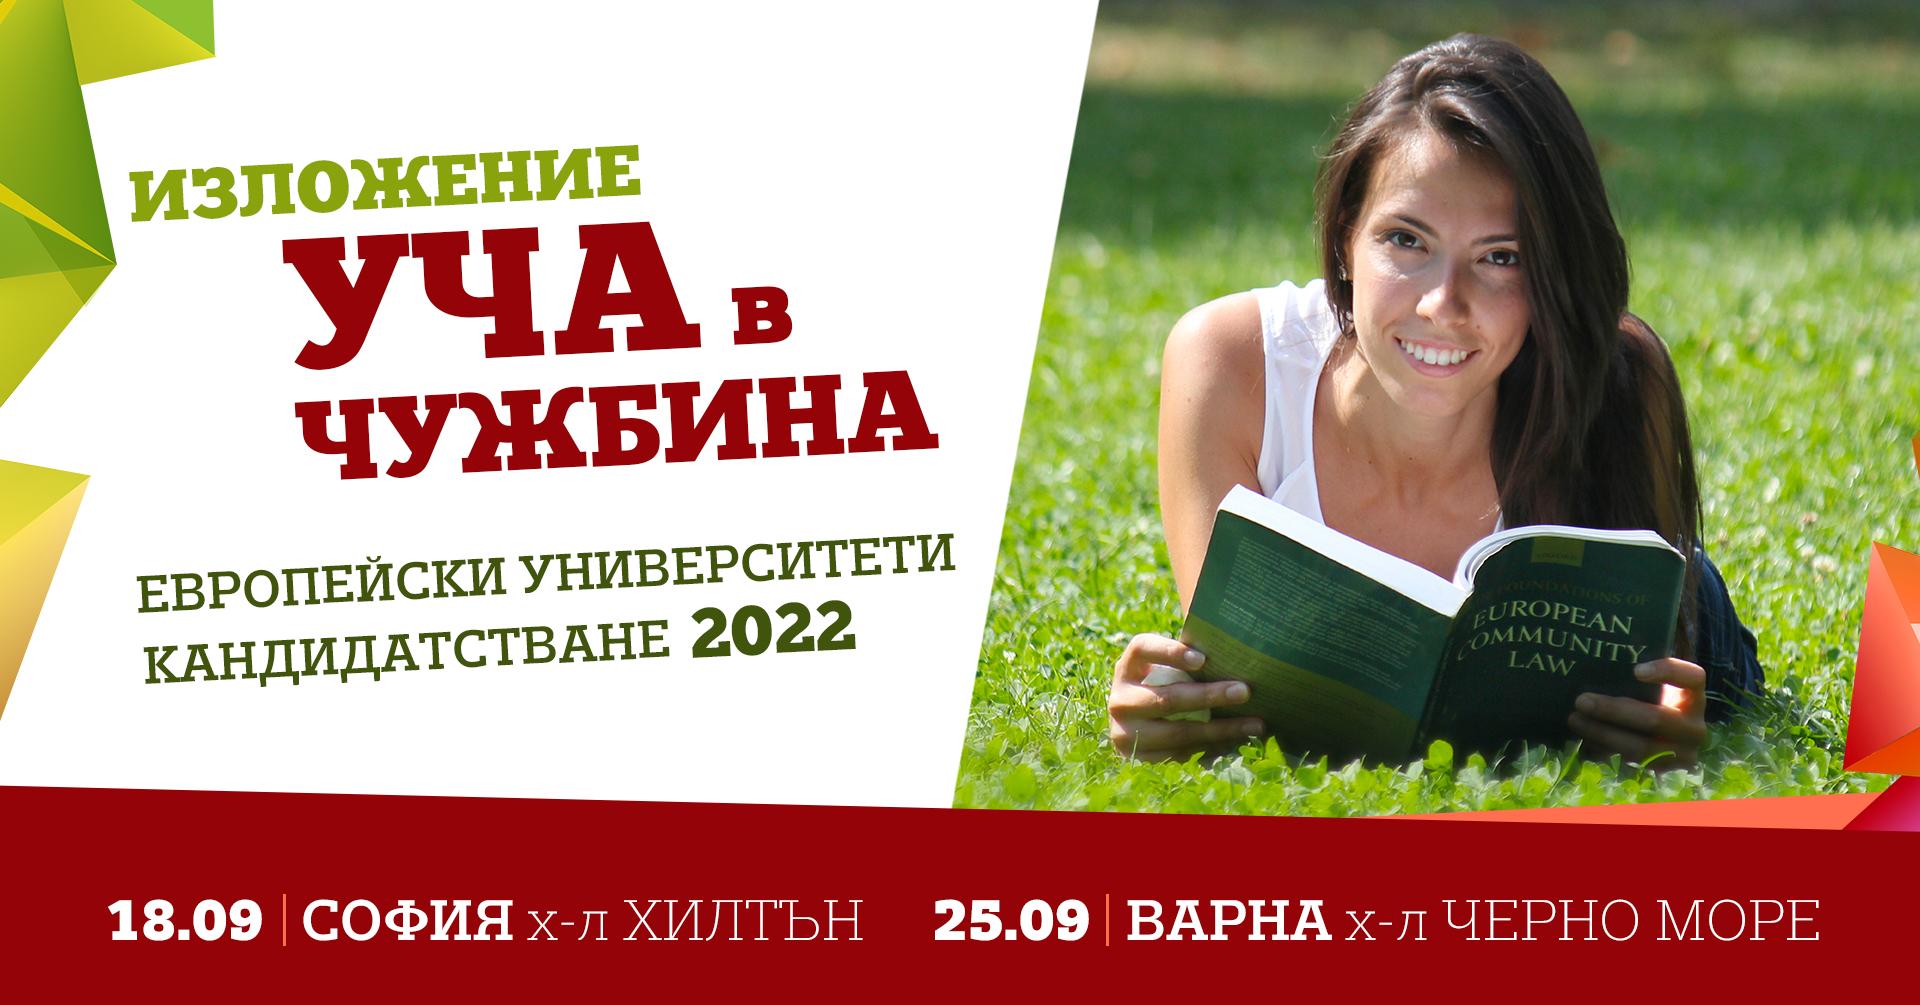 Реформата в българското средно образование и влиянието ѝ върху кандидастудентските процеси в чужбина и у нас